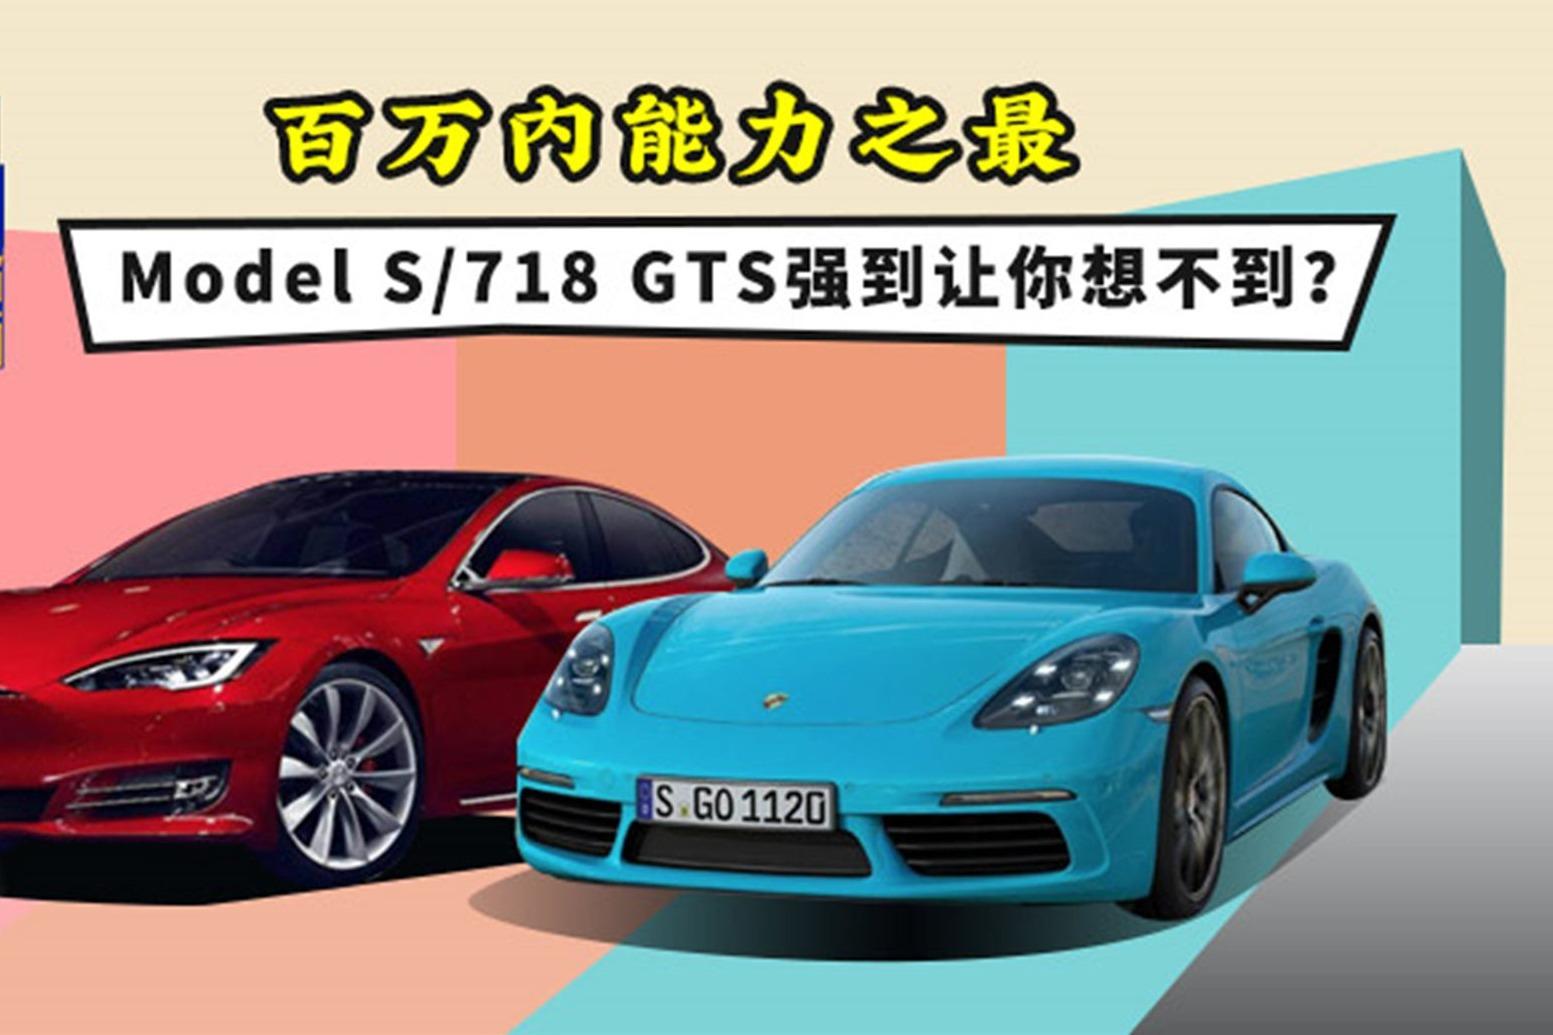 百万内能力之最 Model S、718 GTS强到让你想不到?